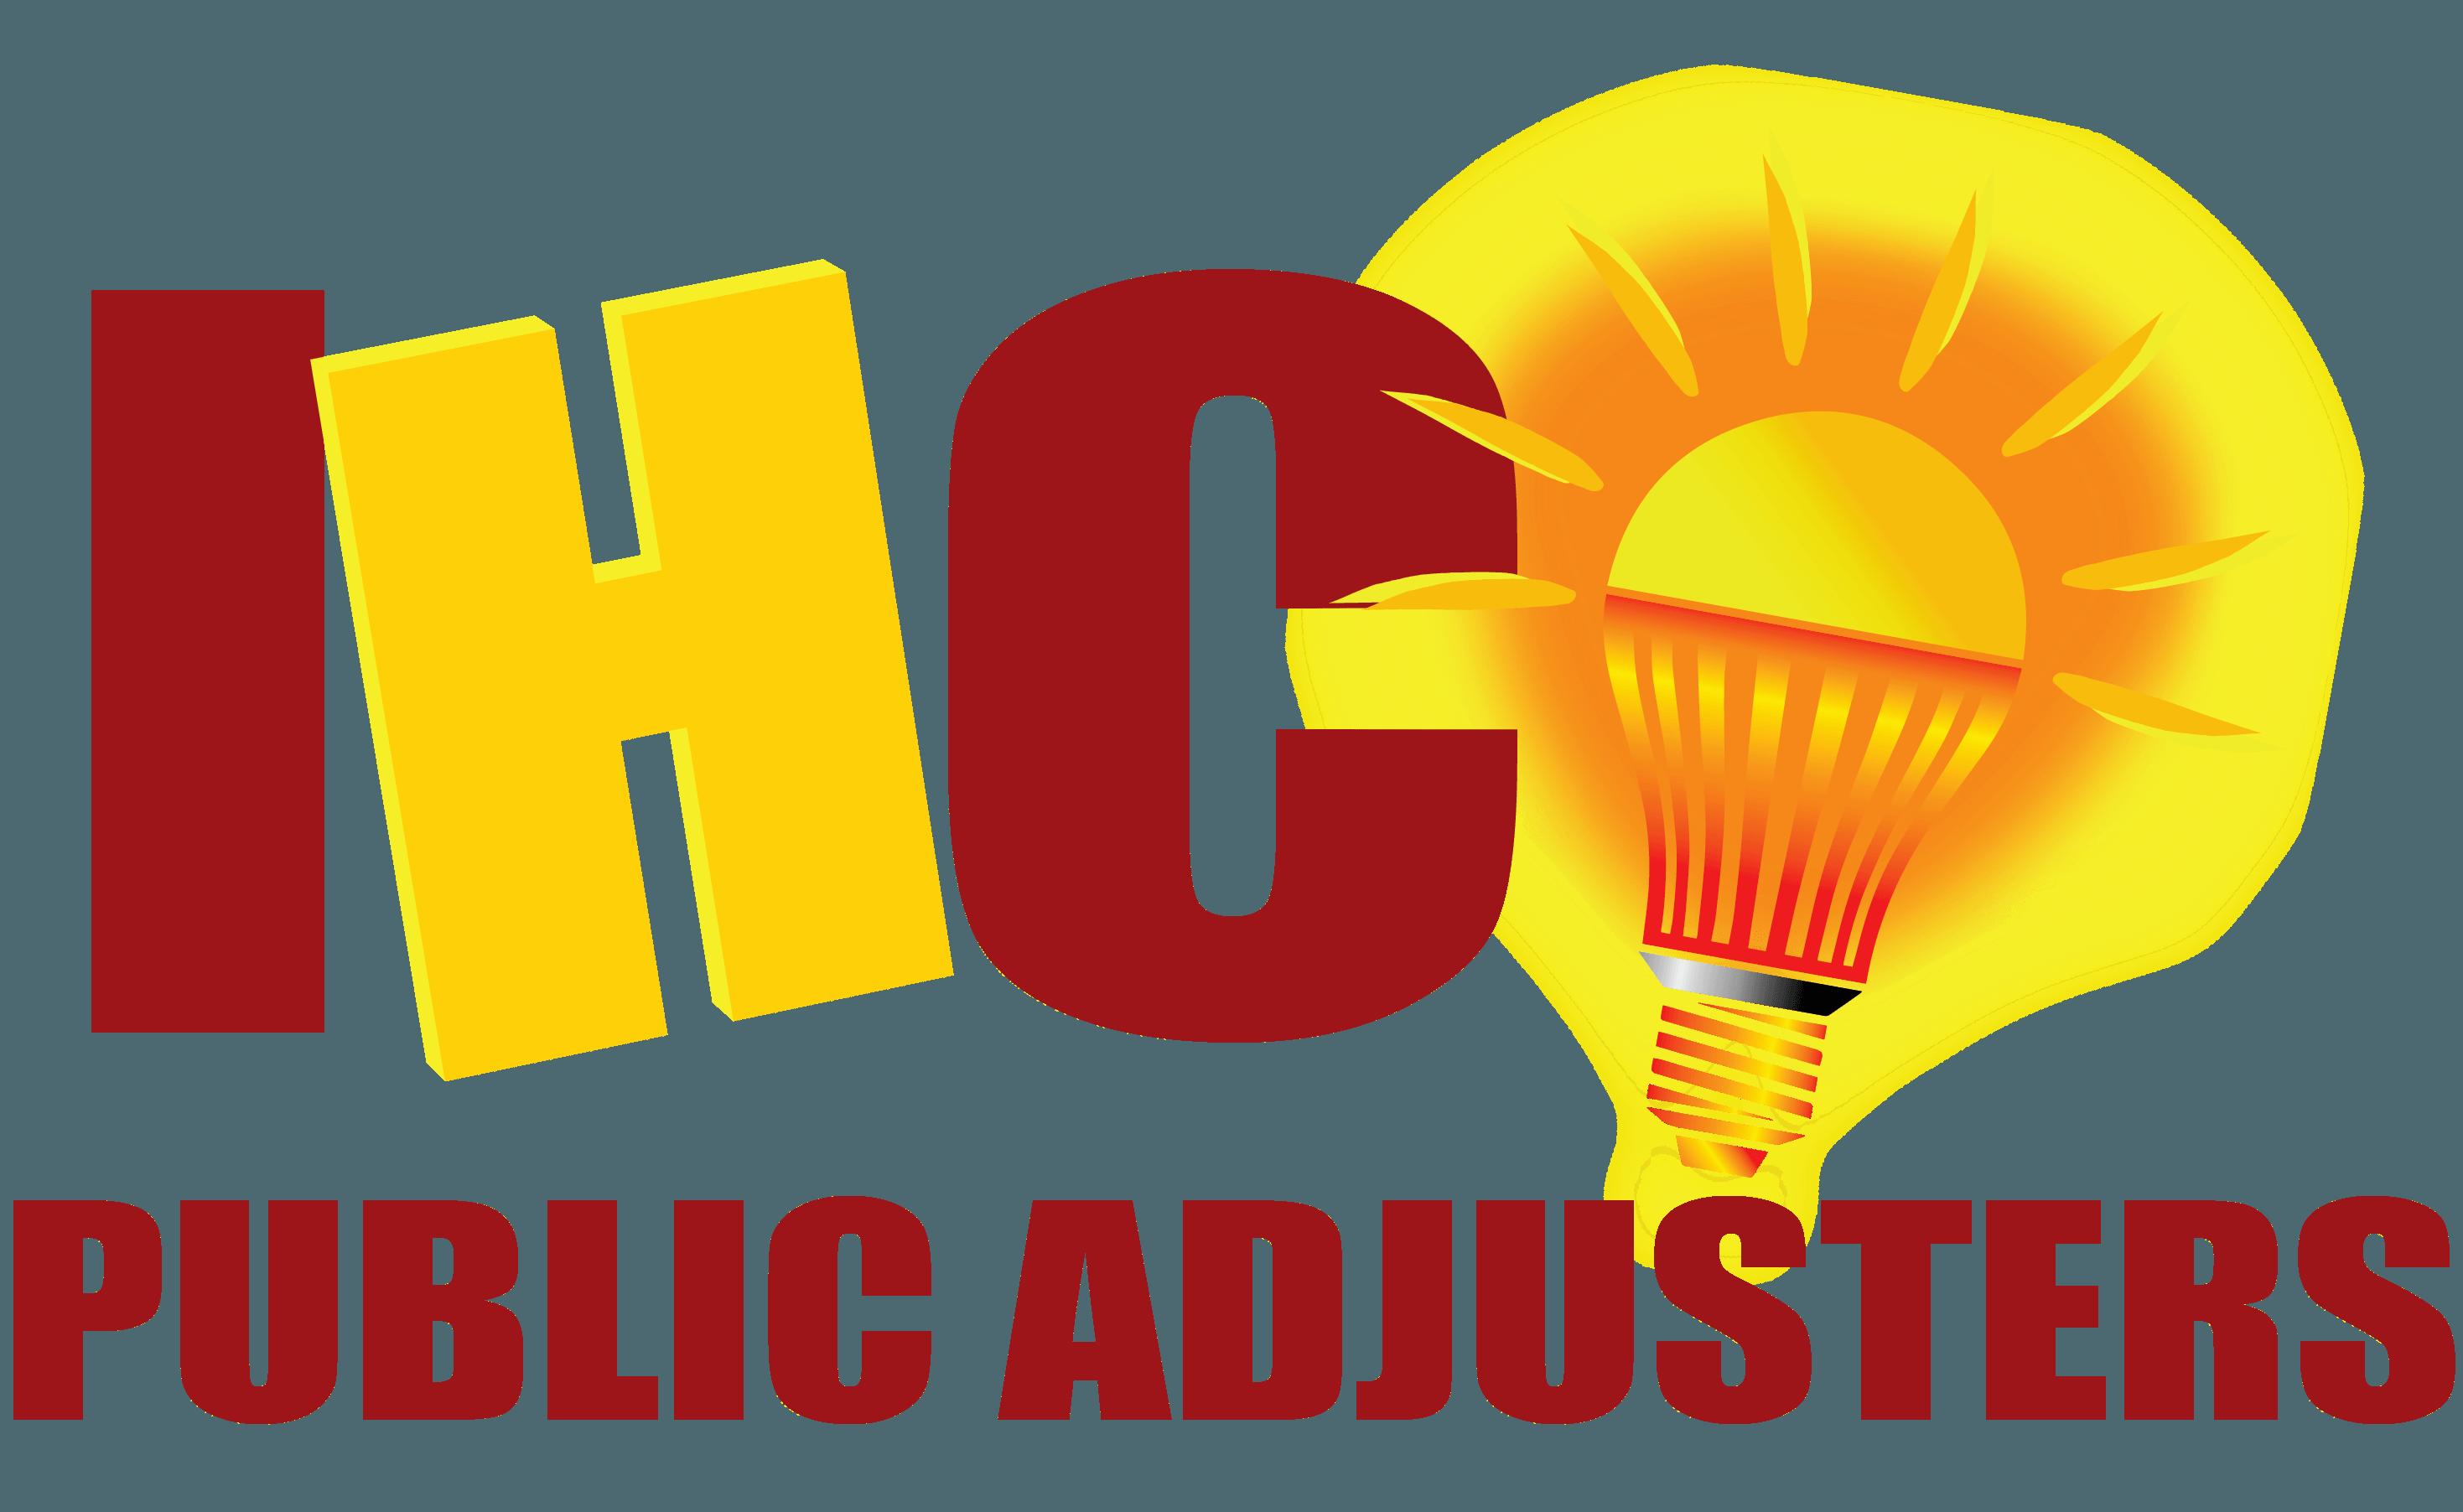 IHC Public Adjusters